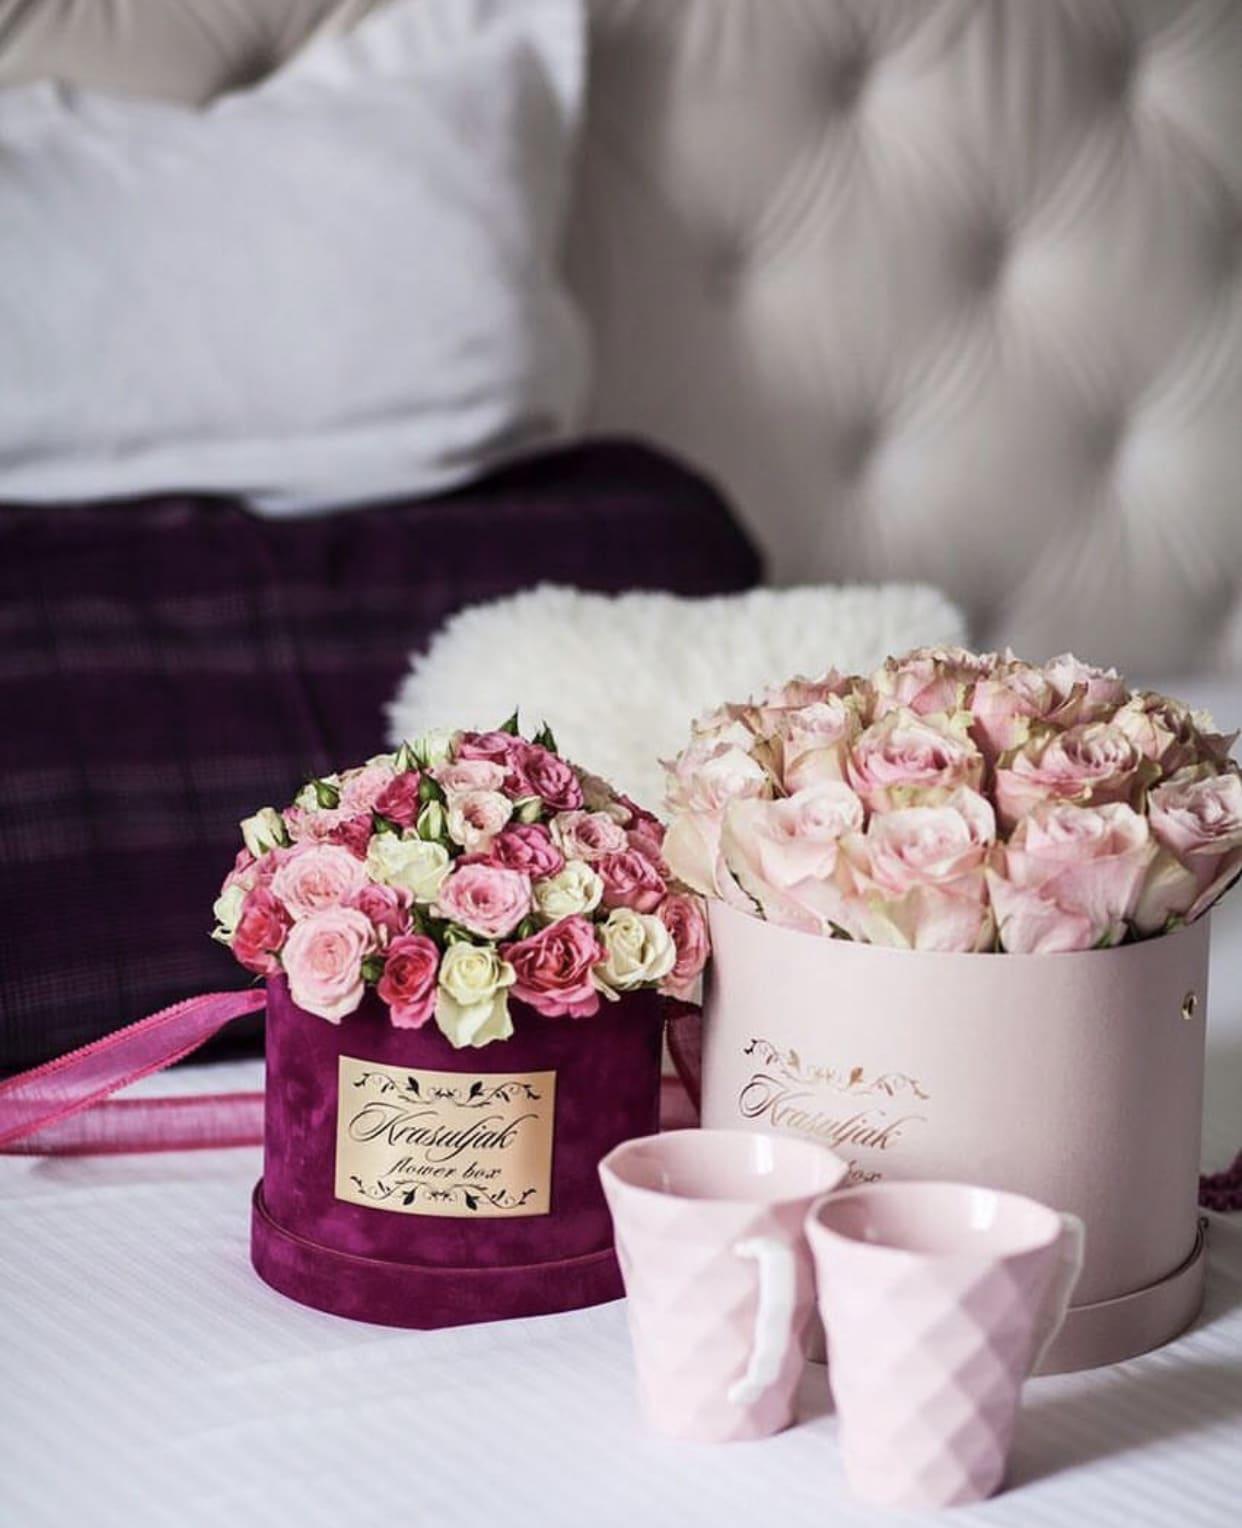 Roza kutija sa ruzama nezno roze boje i ciklama plis kutija sa sarenim ruzama bele, roze i ciklama boje